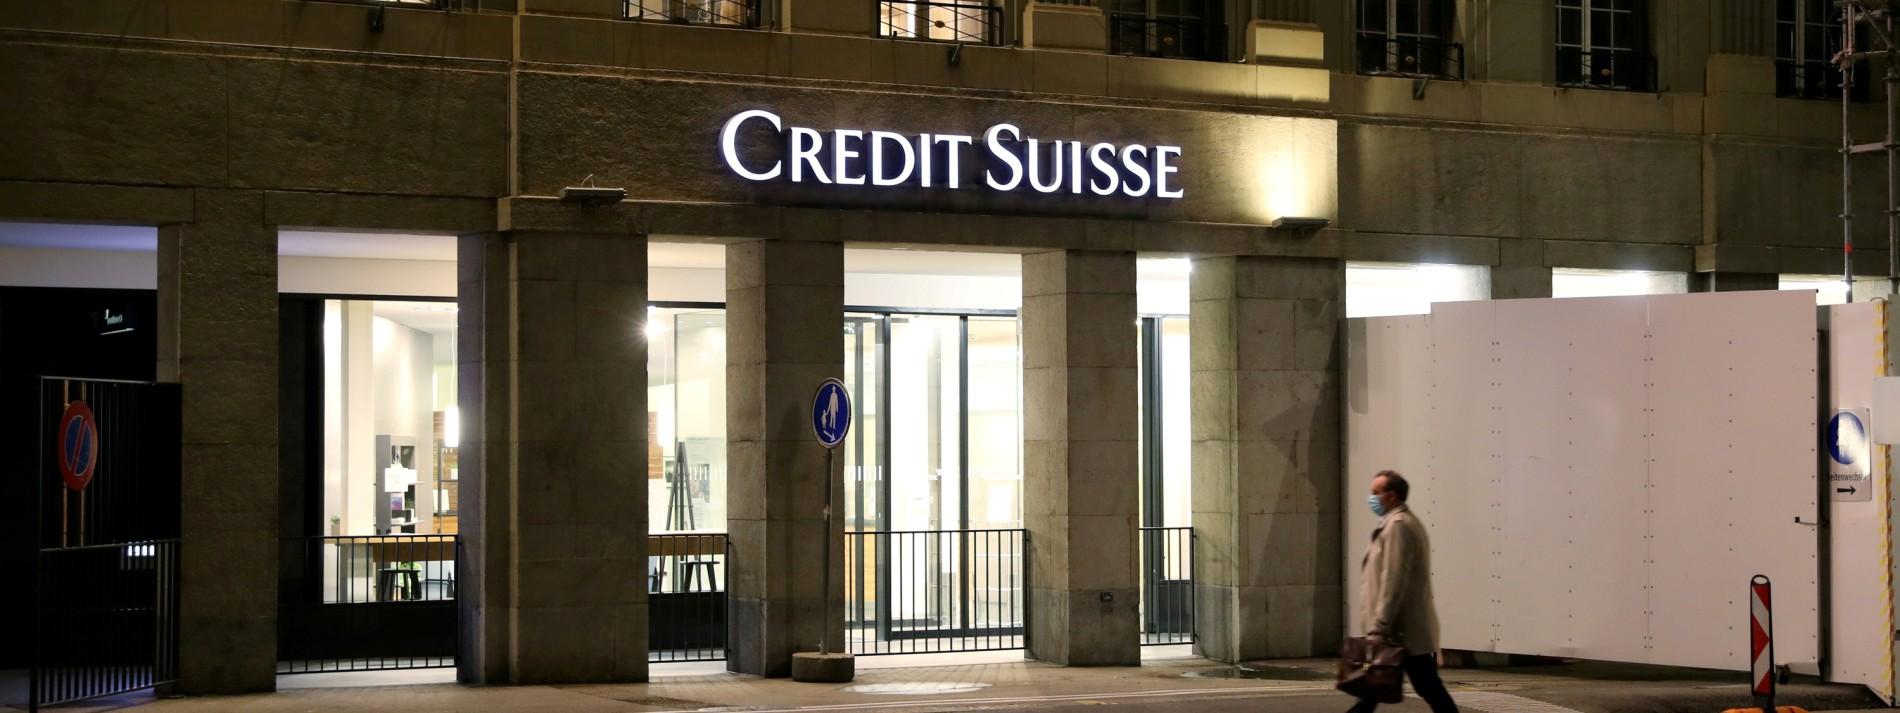 Aufsicht stellt schwere Mängel bei Credit Suisse fest